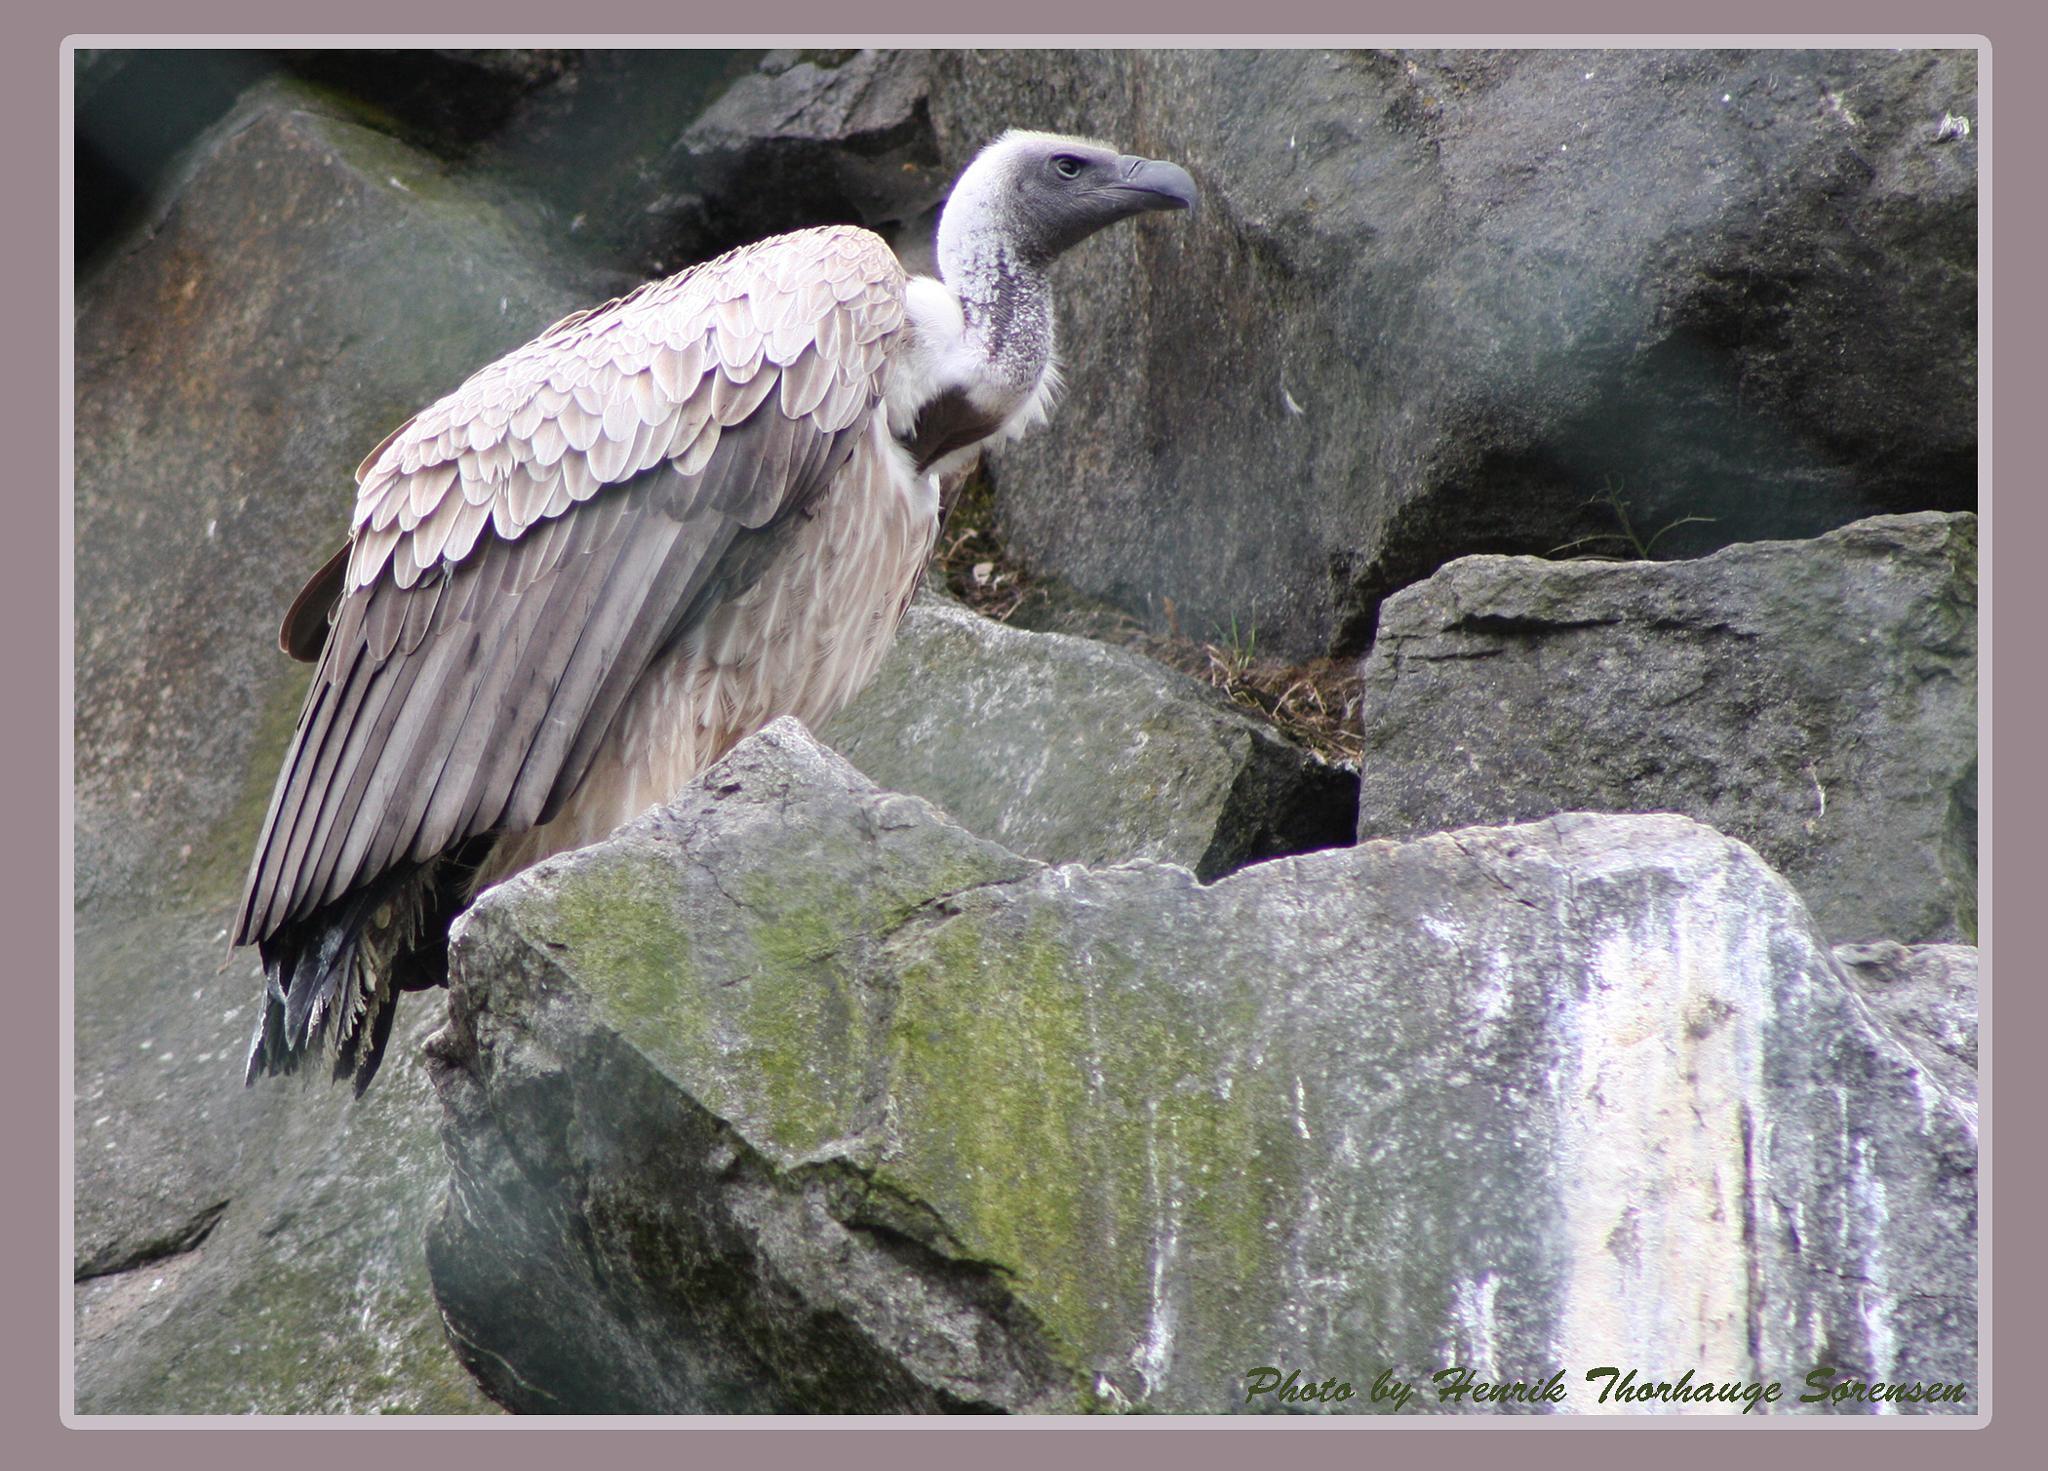 Bird by Henrik T. Sørensen